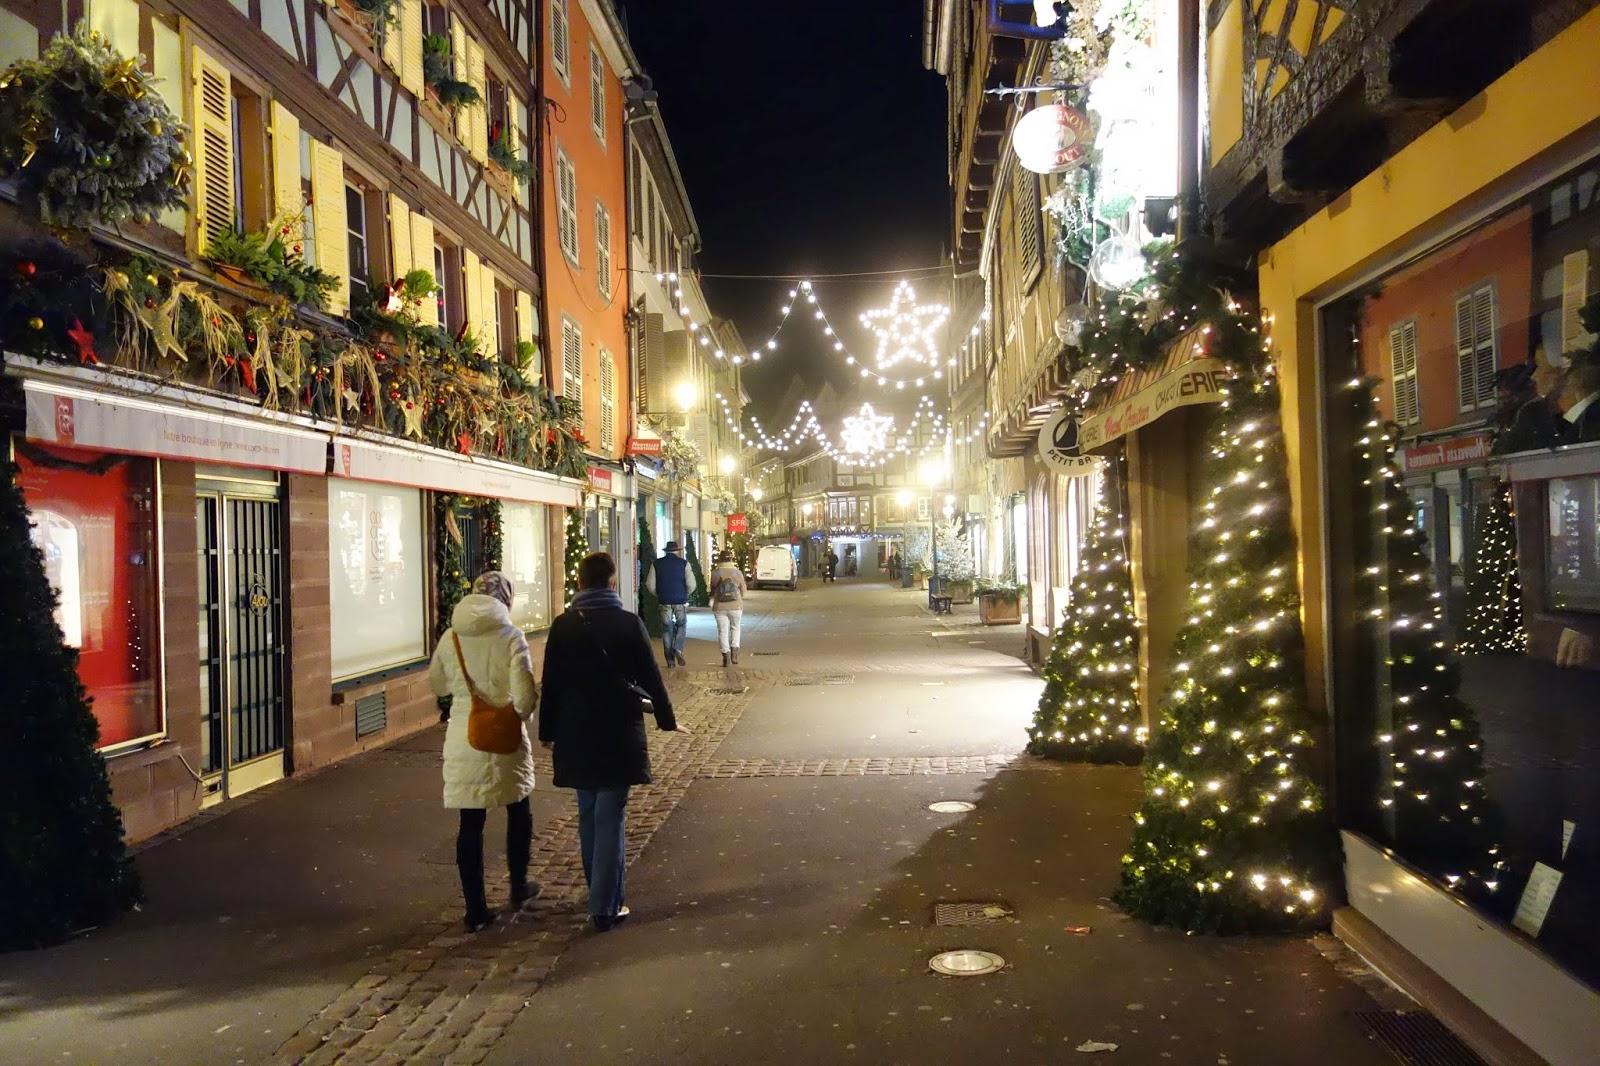 прогулка по вечернему, новогоднему городу